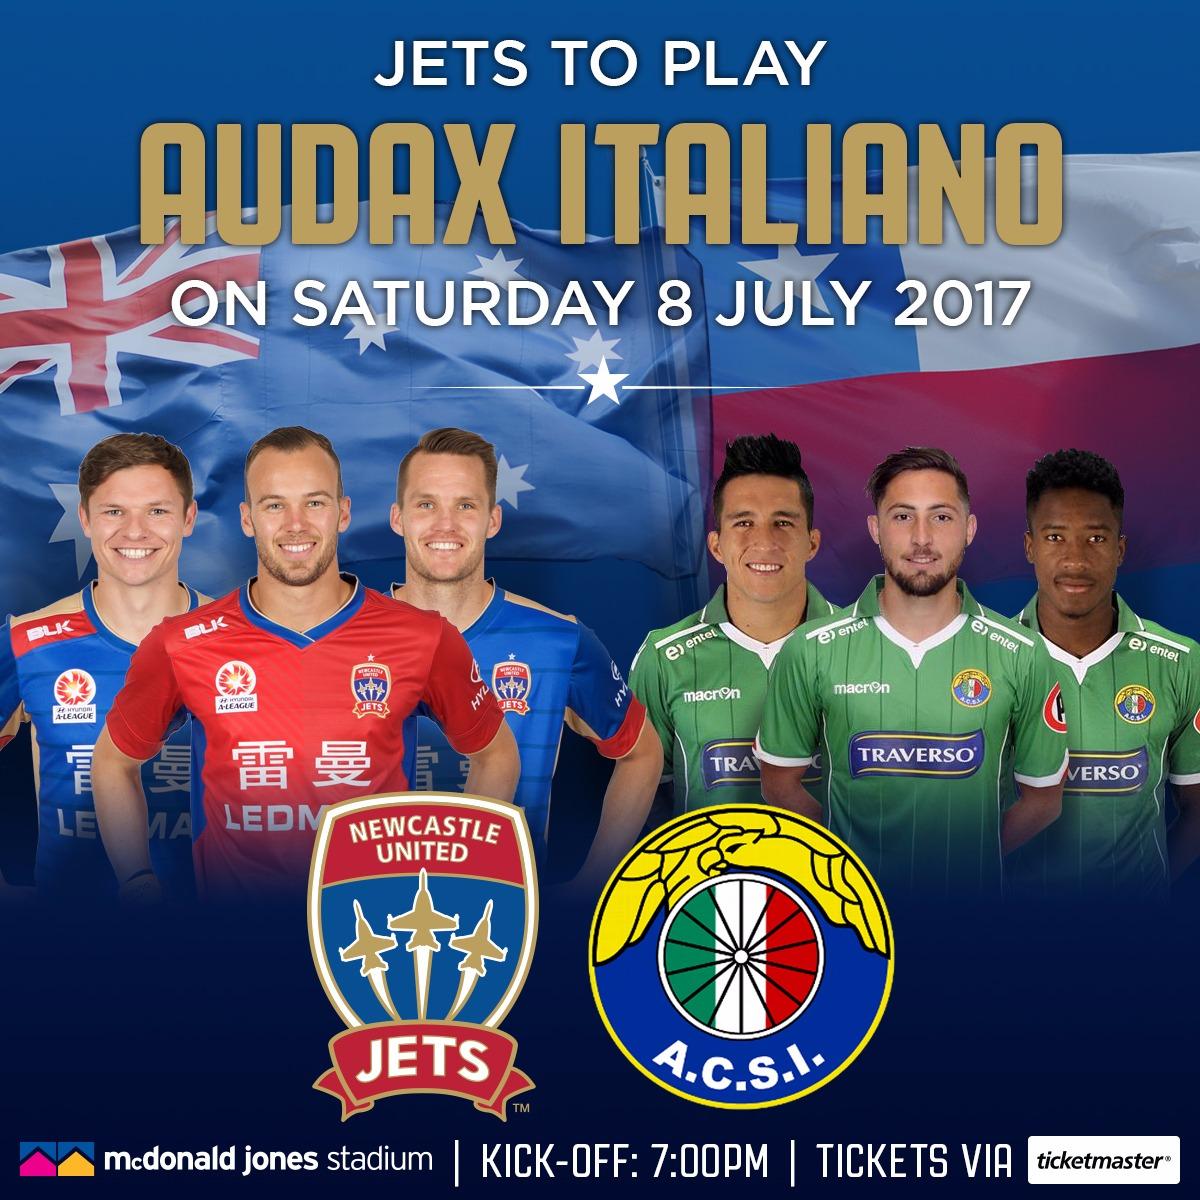 Audax Italiano Newcastle Jets friendly